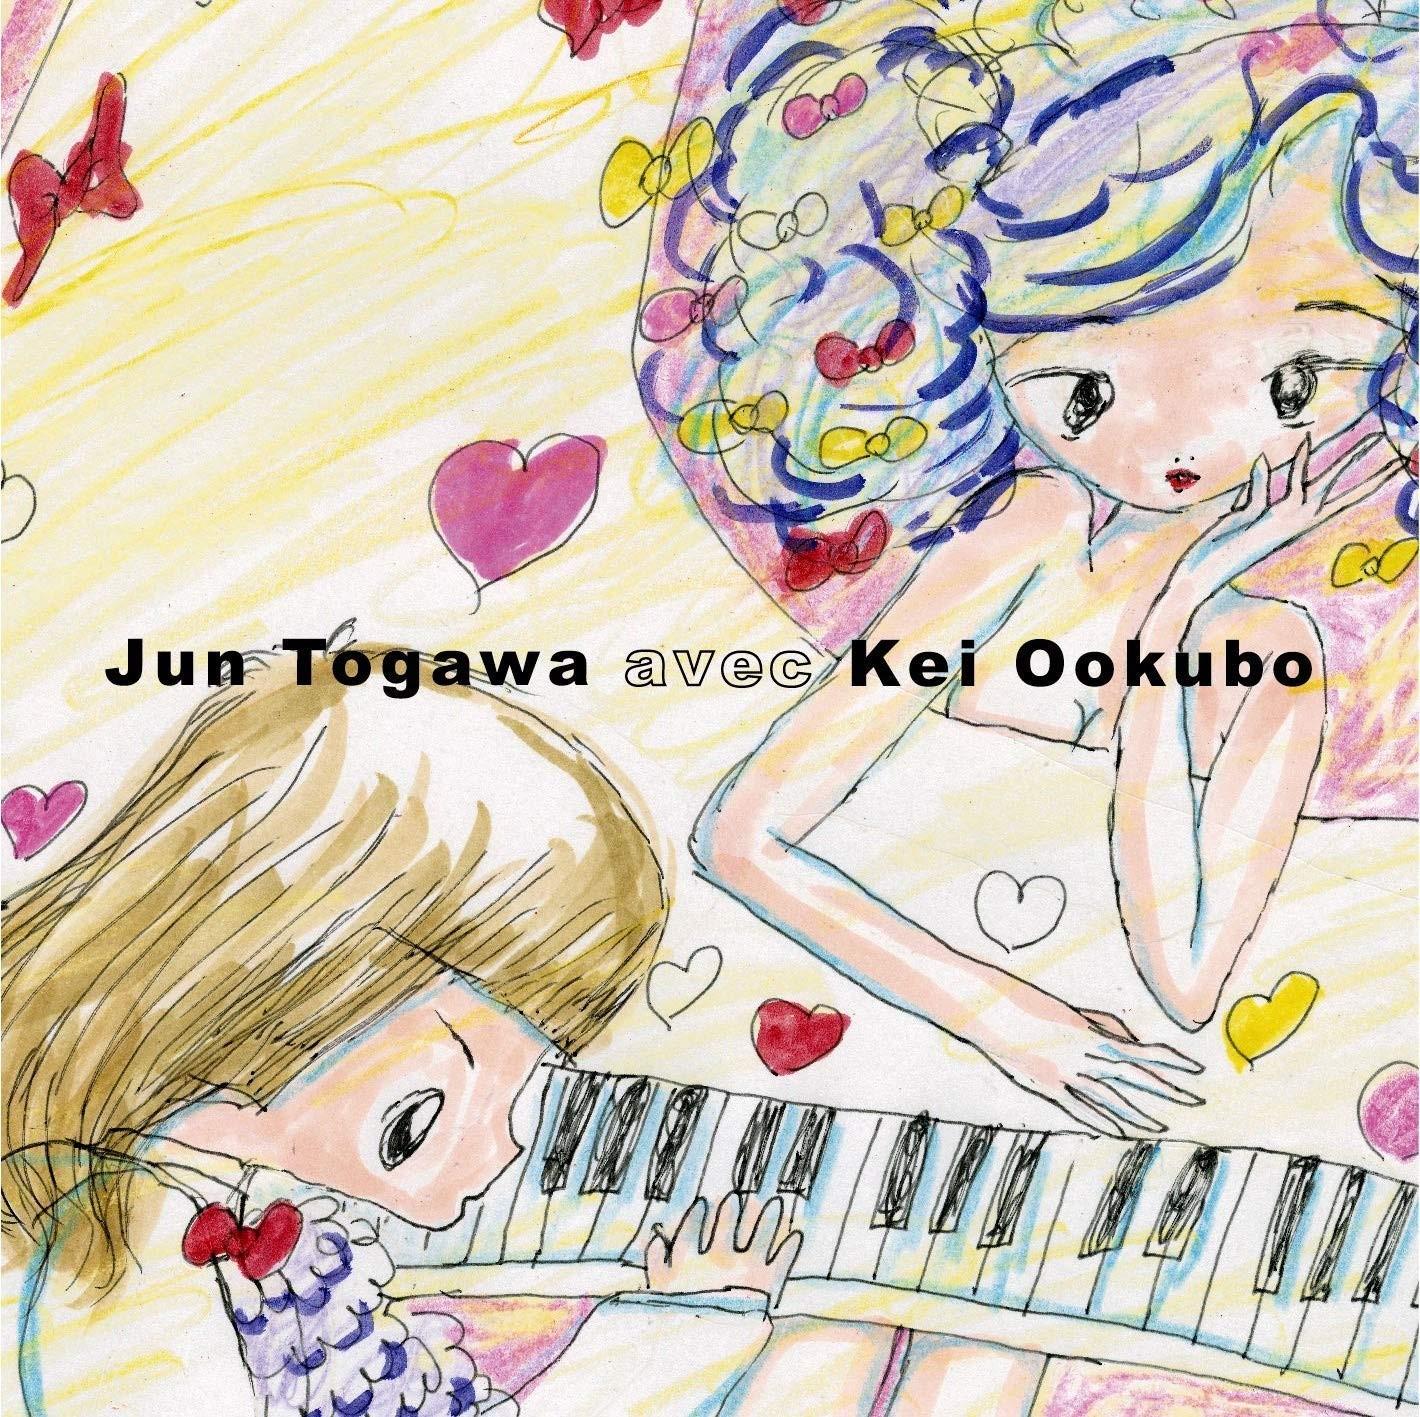 Jun Togawa avec Kei Ohkubo – 戸川純 avec おおくぼけい [FLAC + MP3 VBR / CD] [2018.11.21]